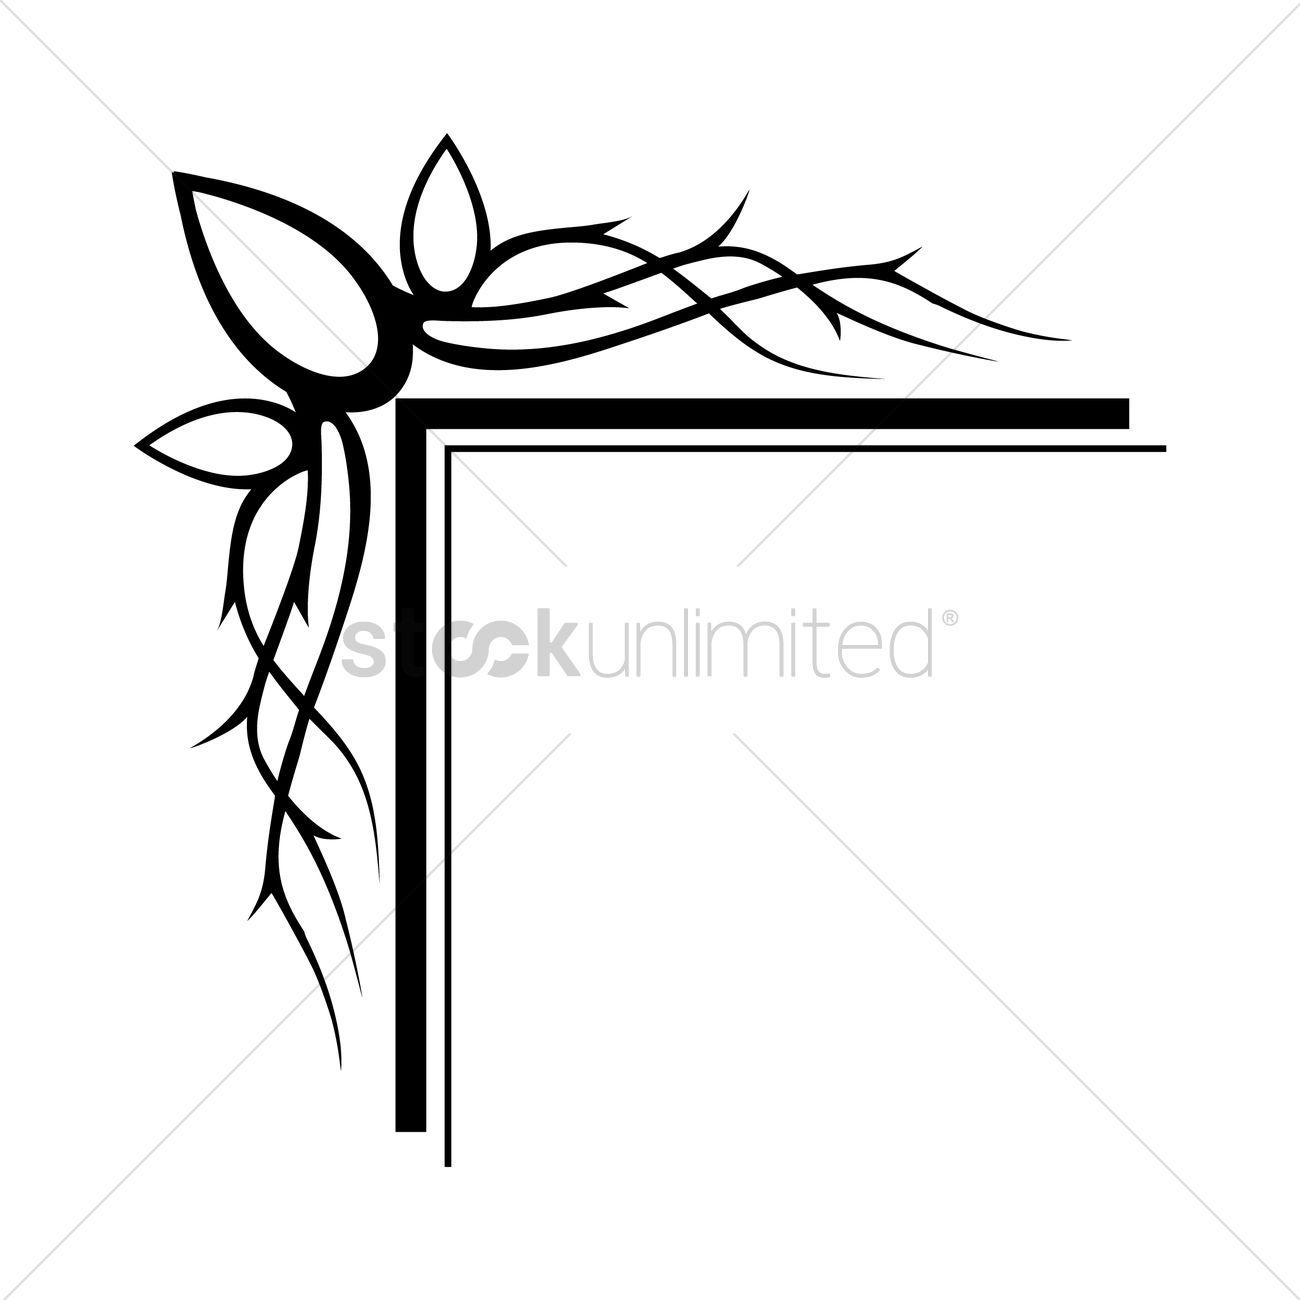 Frame corner design Vector Image - 1627218 | StockUnlimited